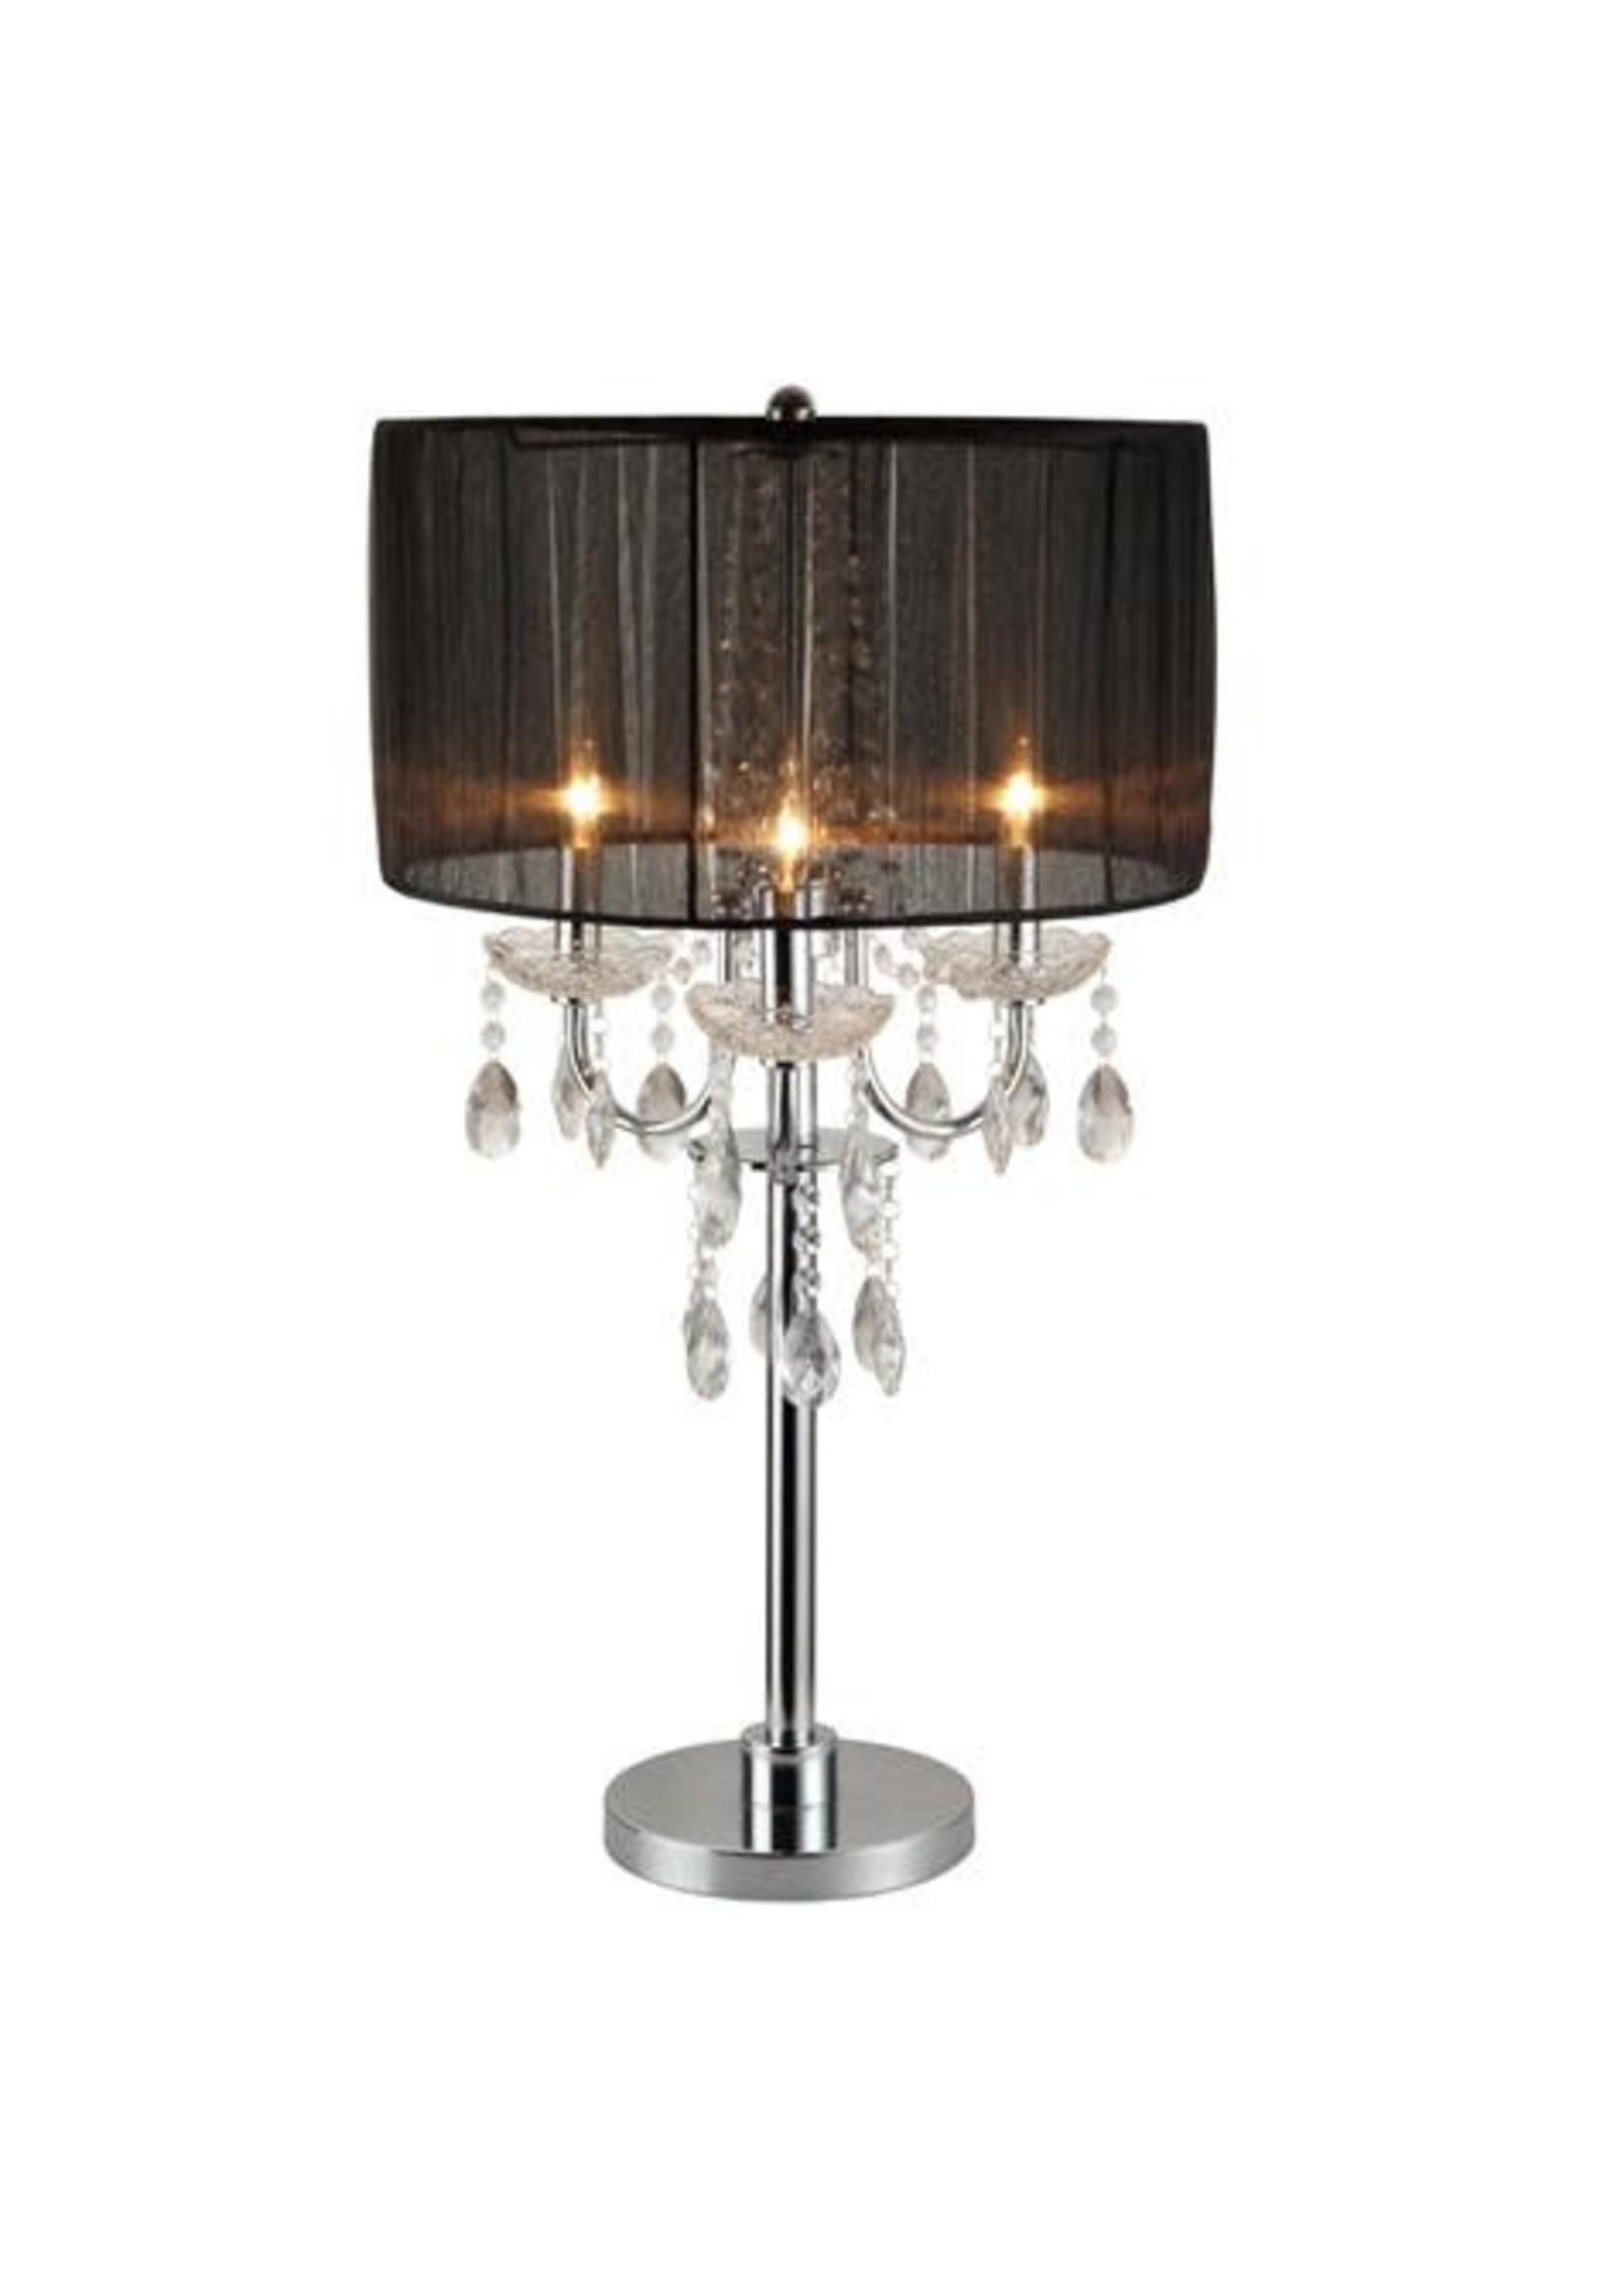 CROWNMARK CHANDELIER TABLE LAMP